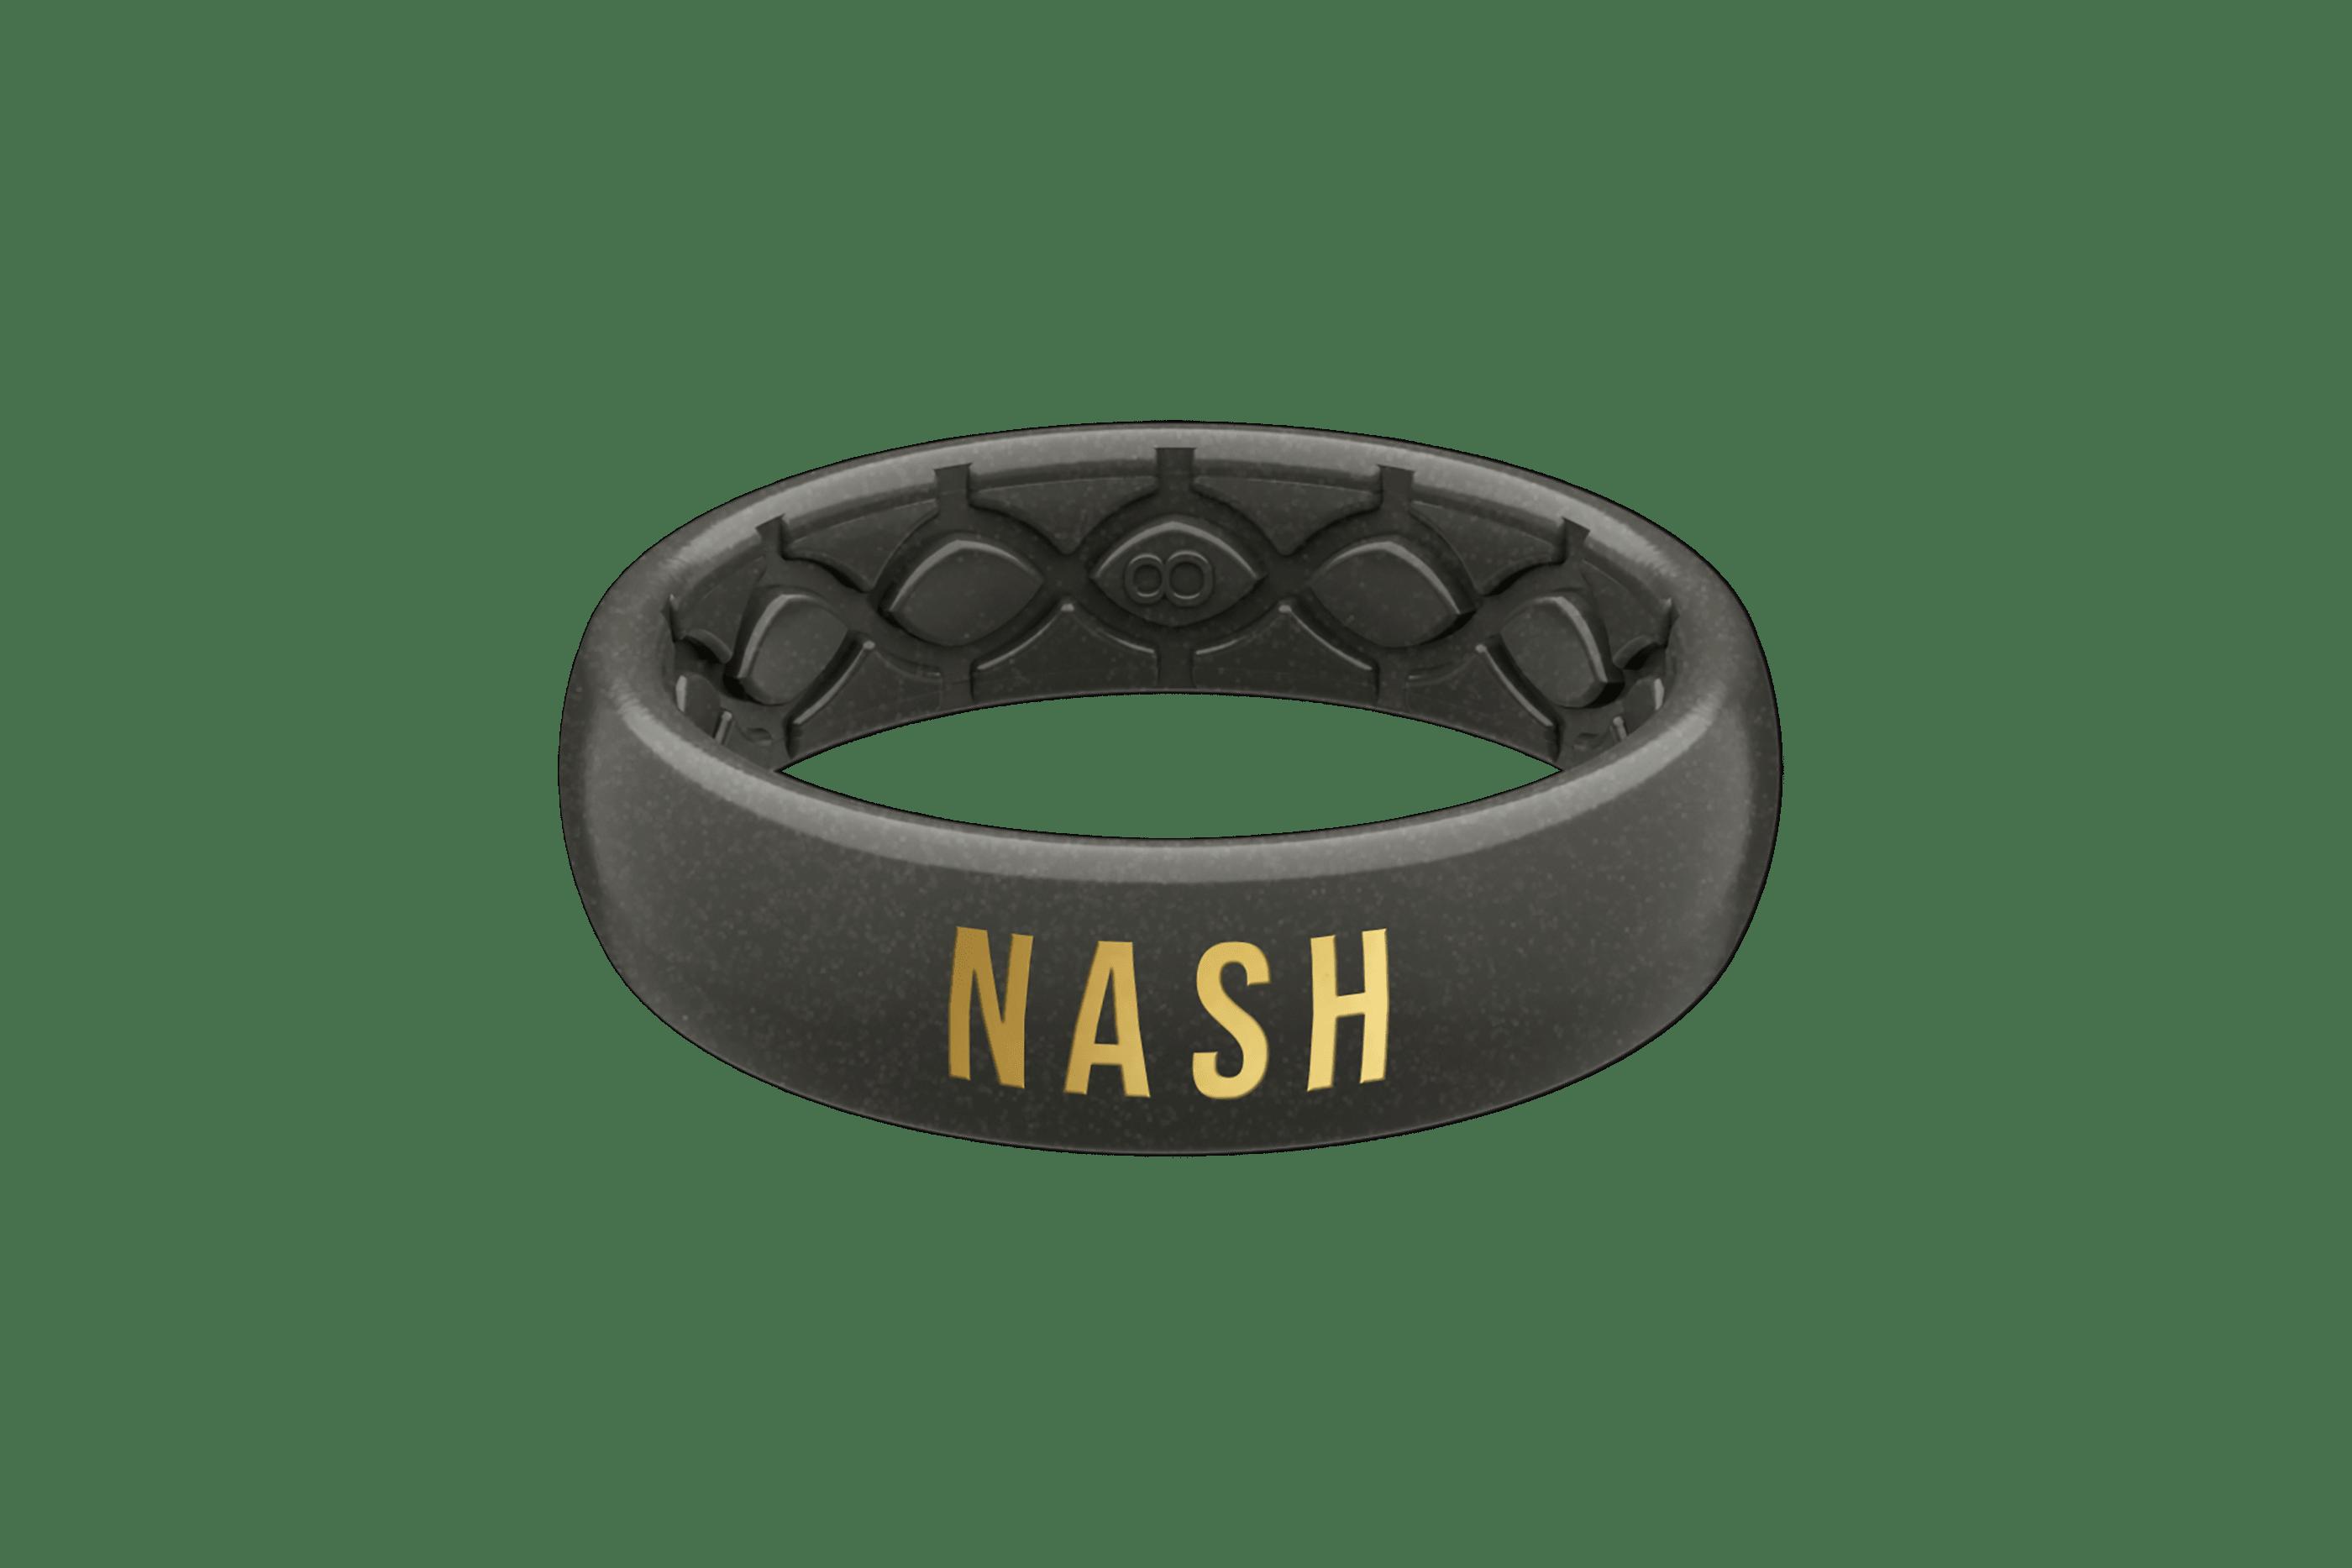 Thin Satin Ferrous Nash  viewed front on